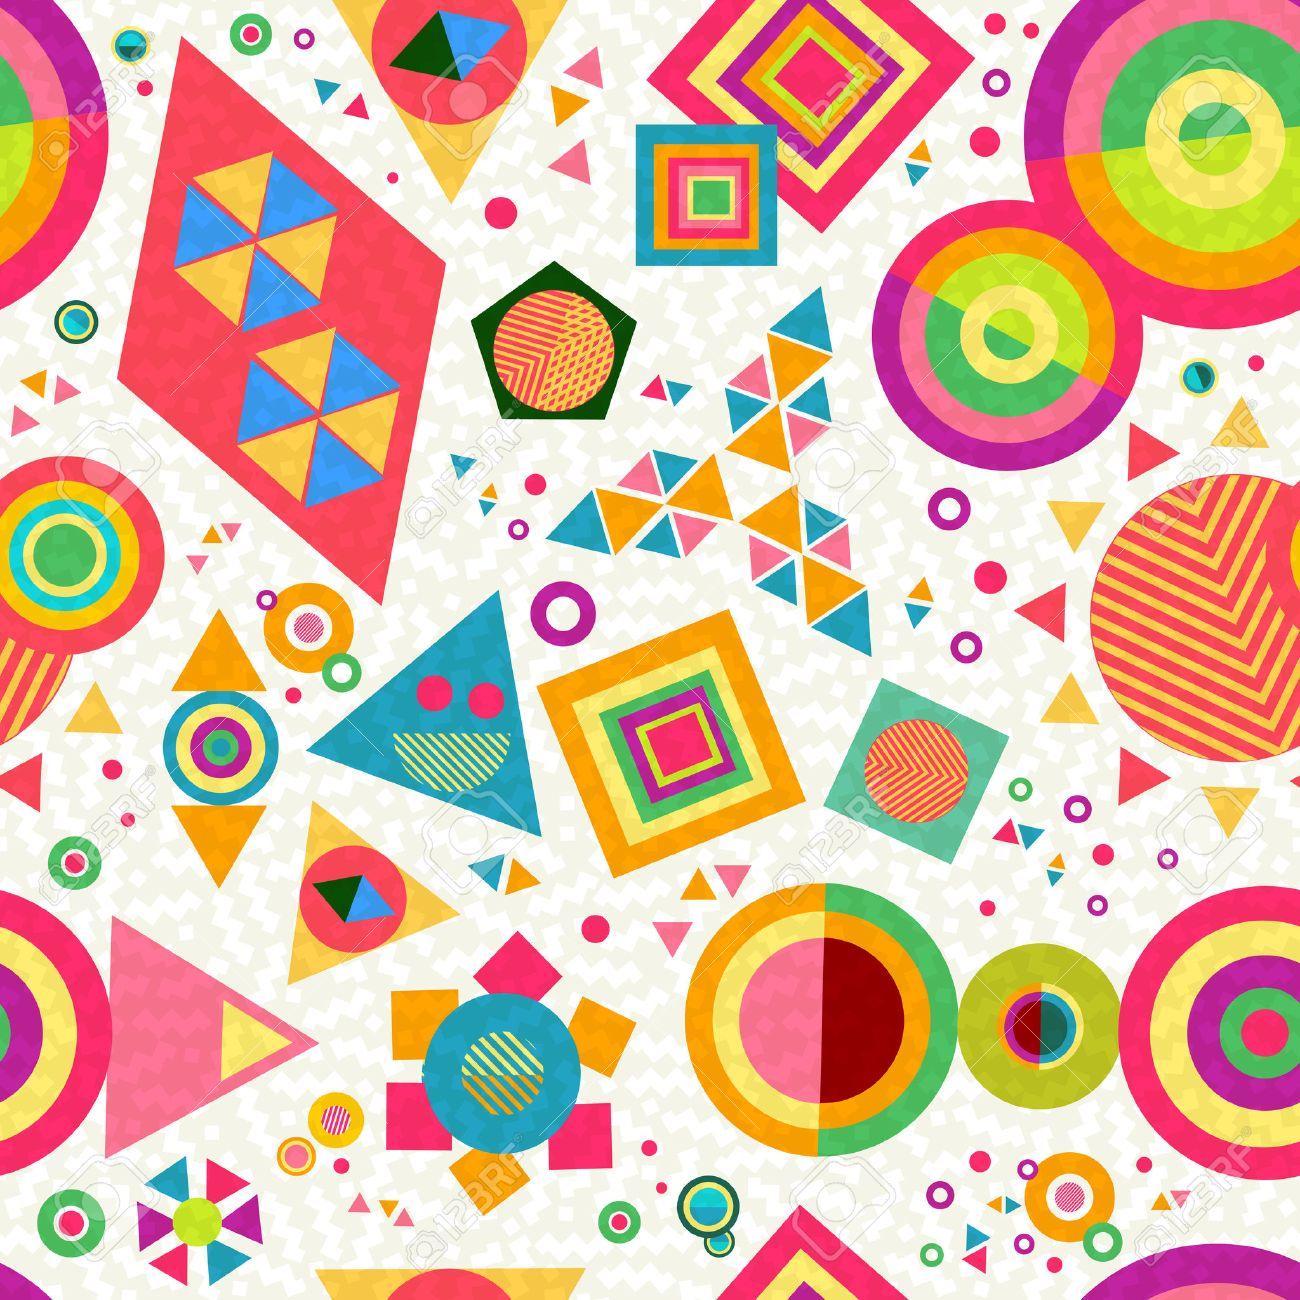 50198863-seamless-fond-avec-des-formes-géométriques-et-des-dessins-abstraits-en-style-pop-vibrante-colorée-vecteur-.jpg